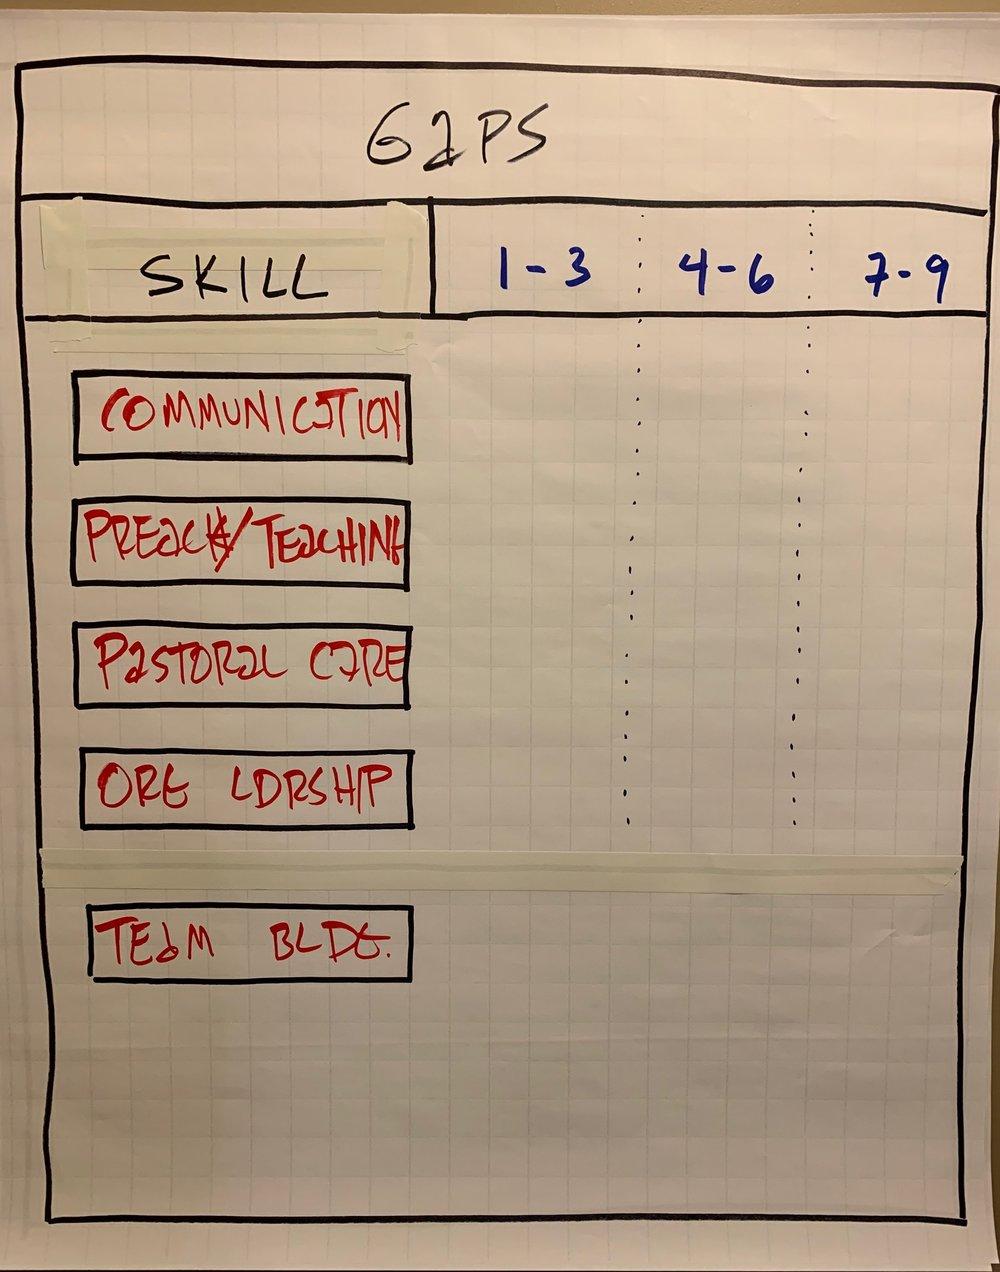 Fig 1 Brainstorm the skills